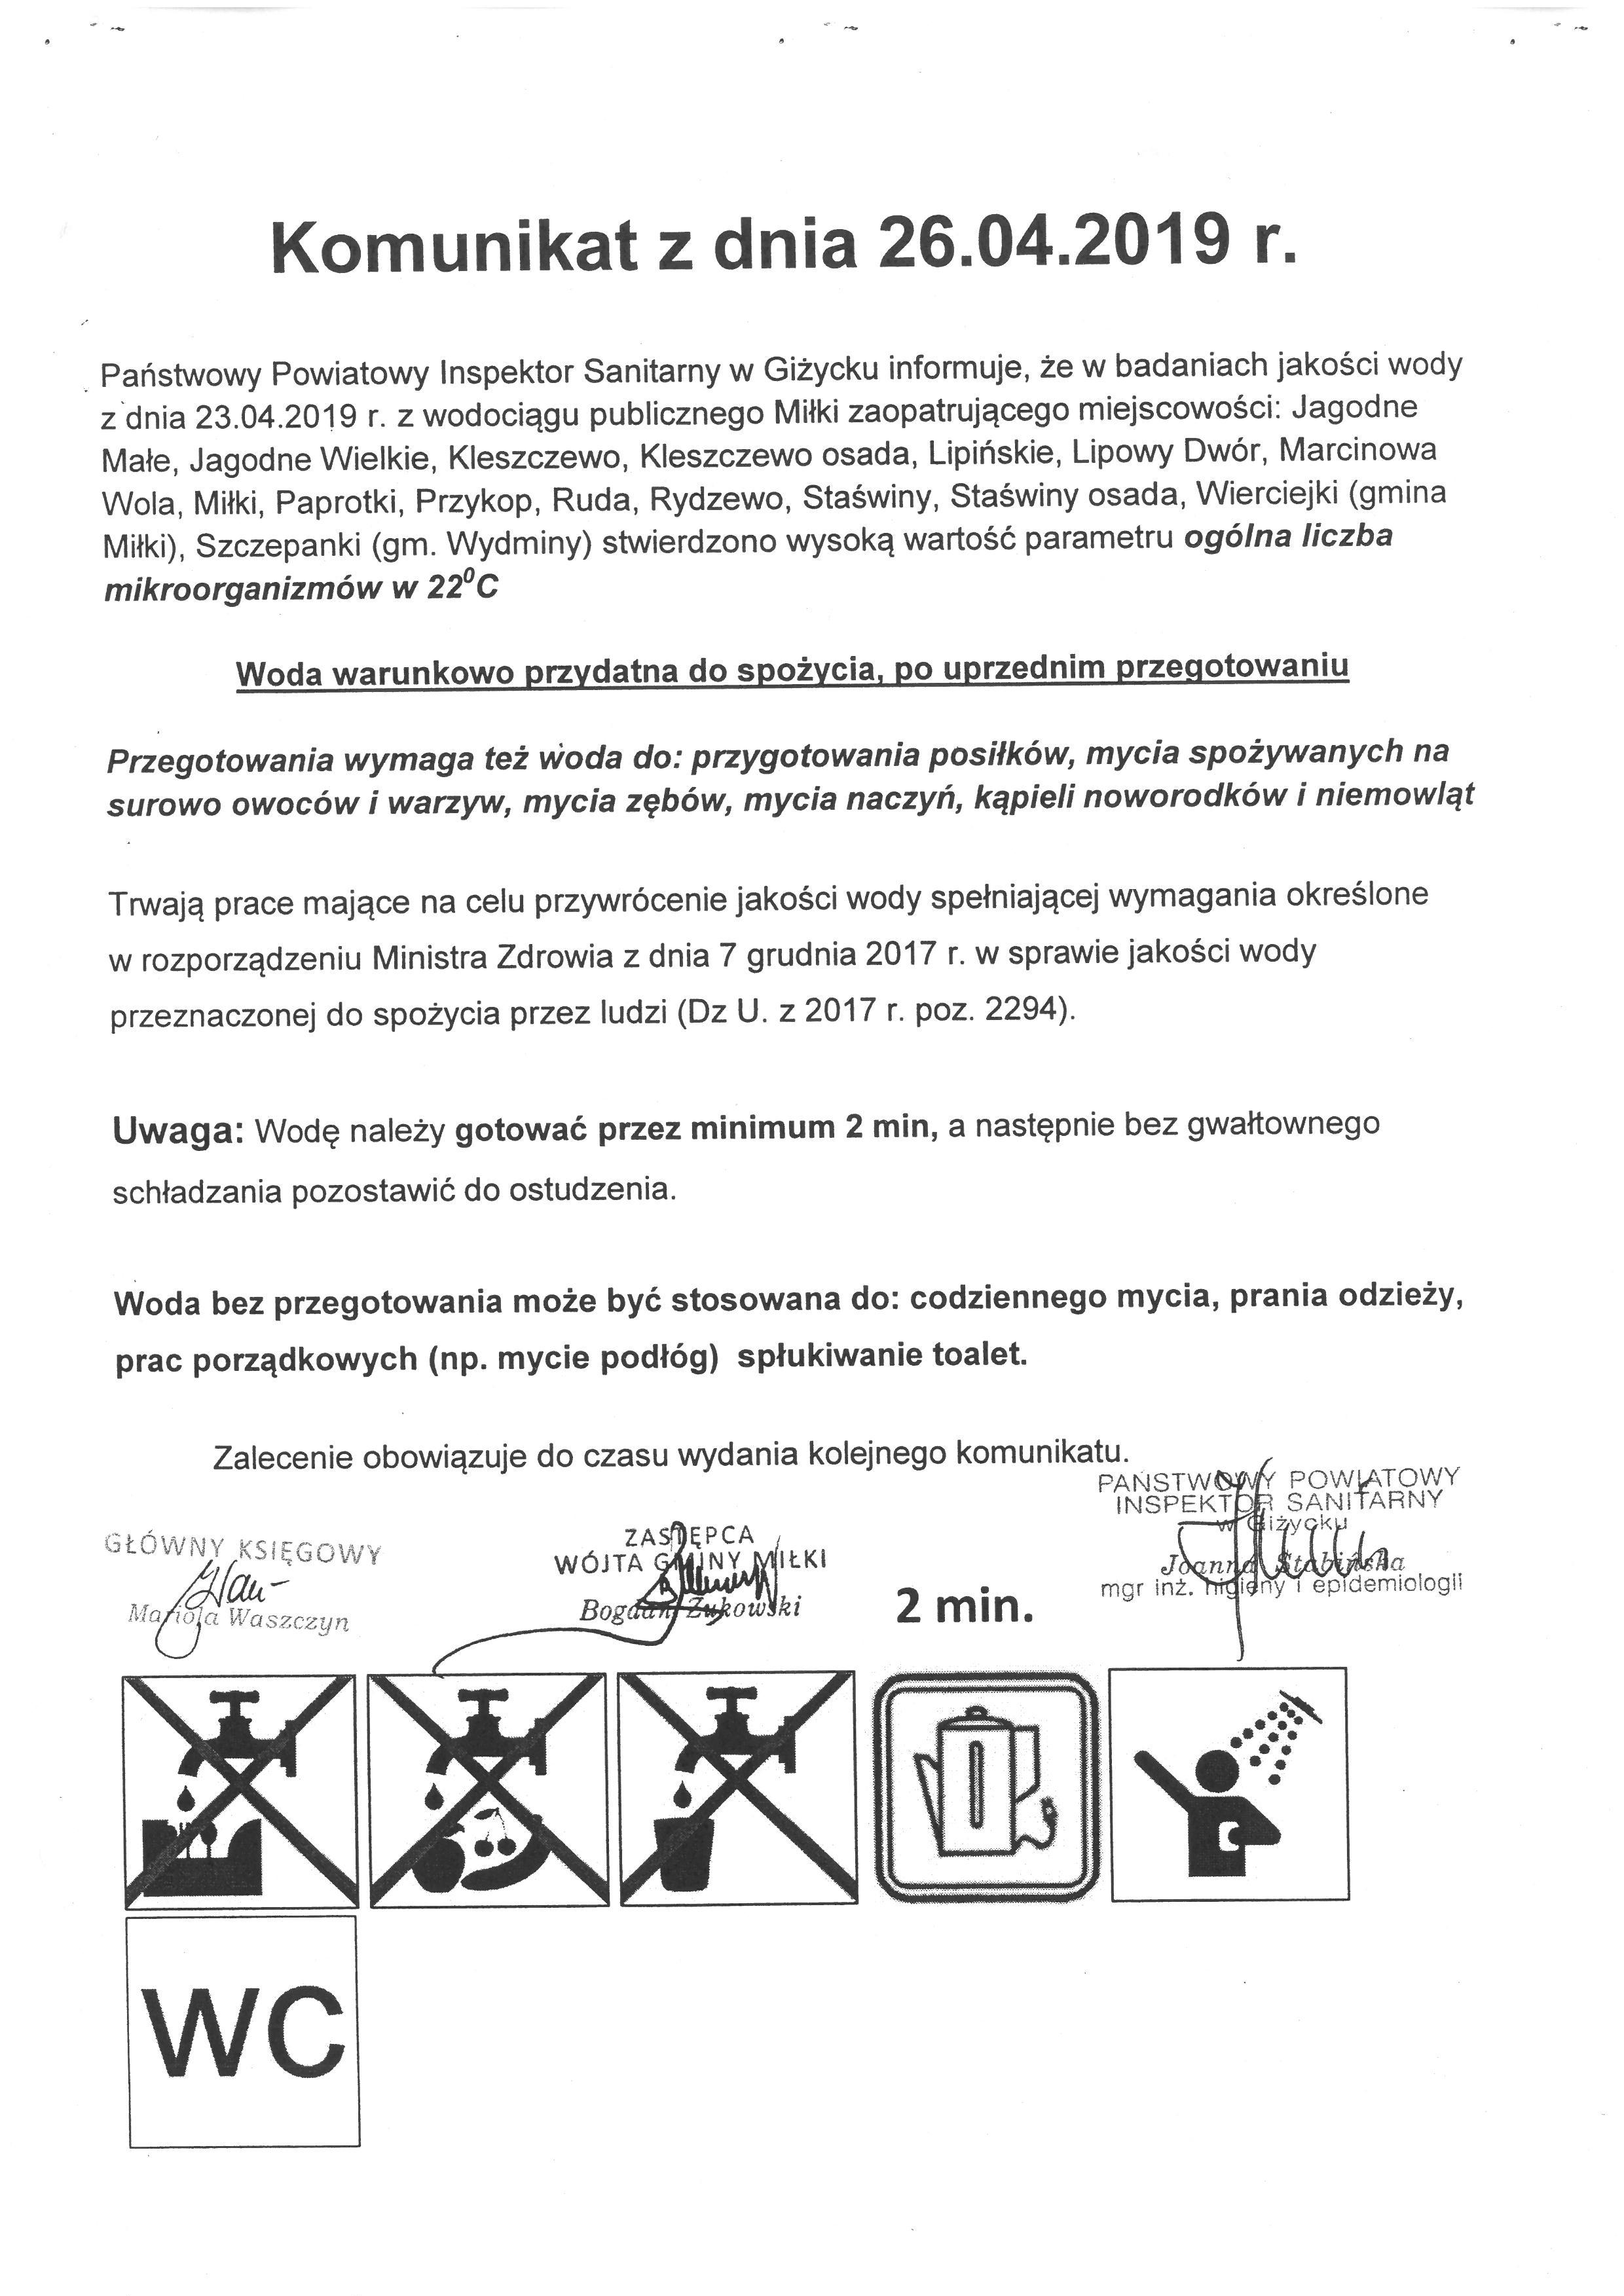 Komunikat-z-dnia-26.04.2019-r.